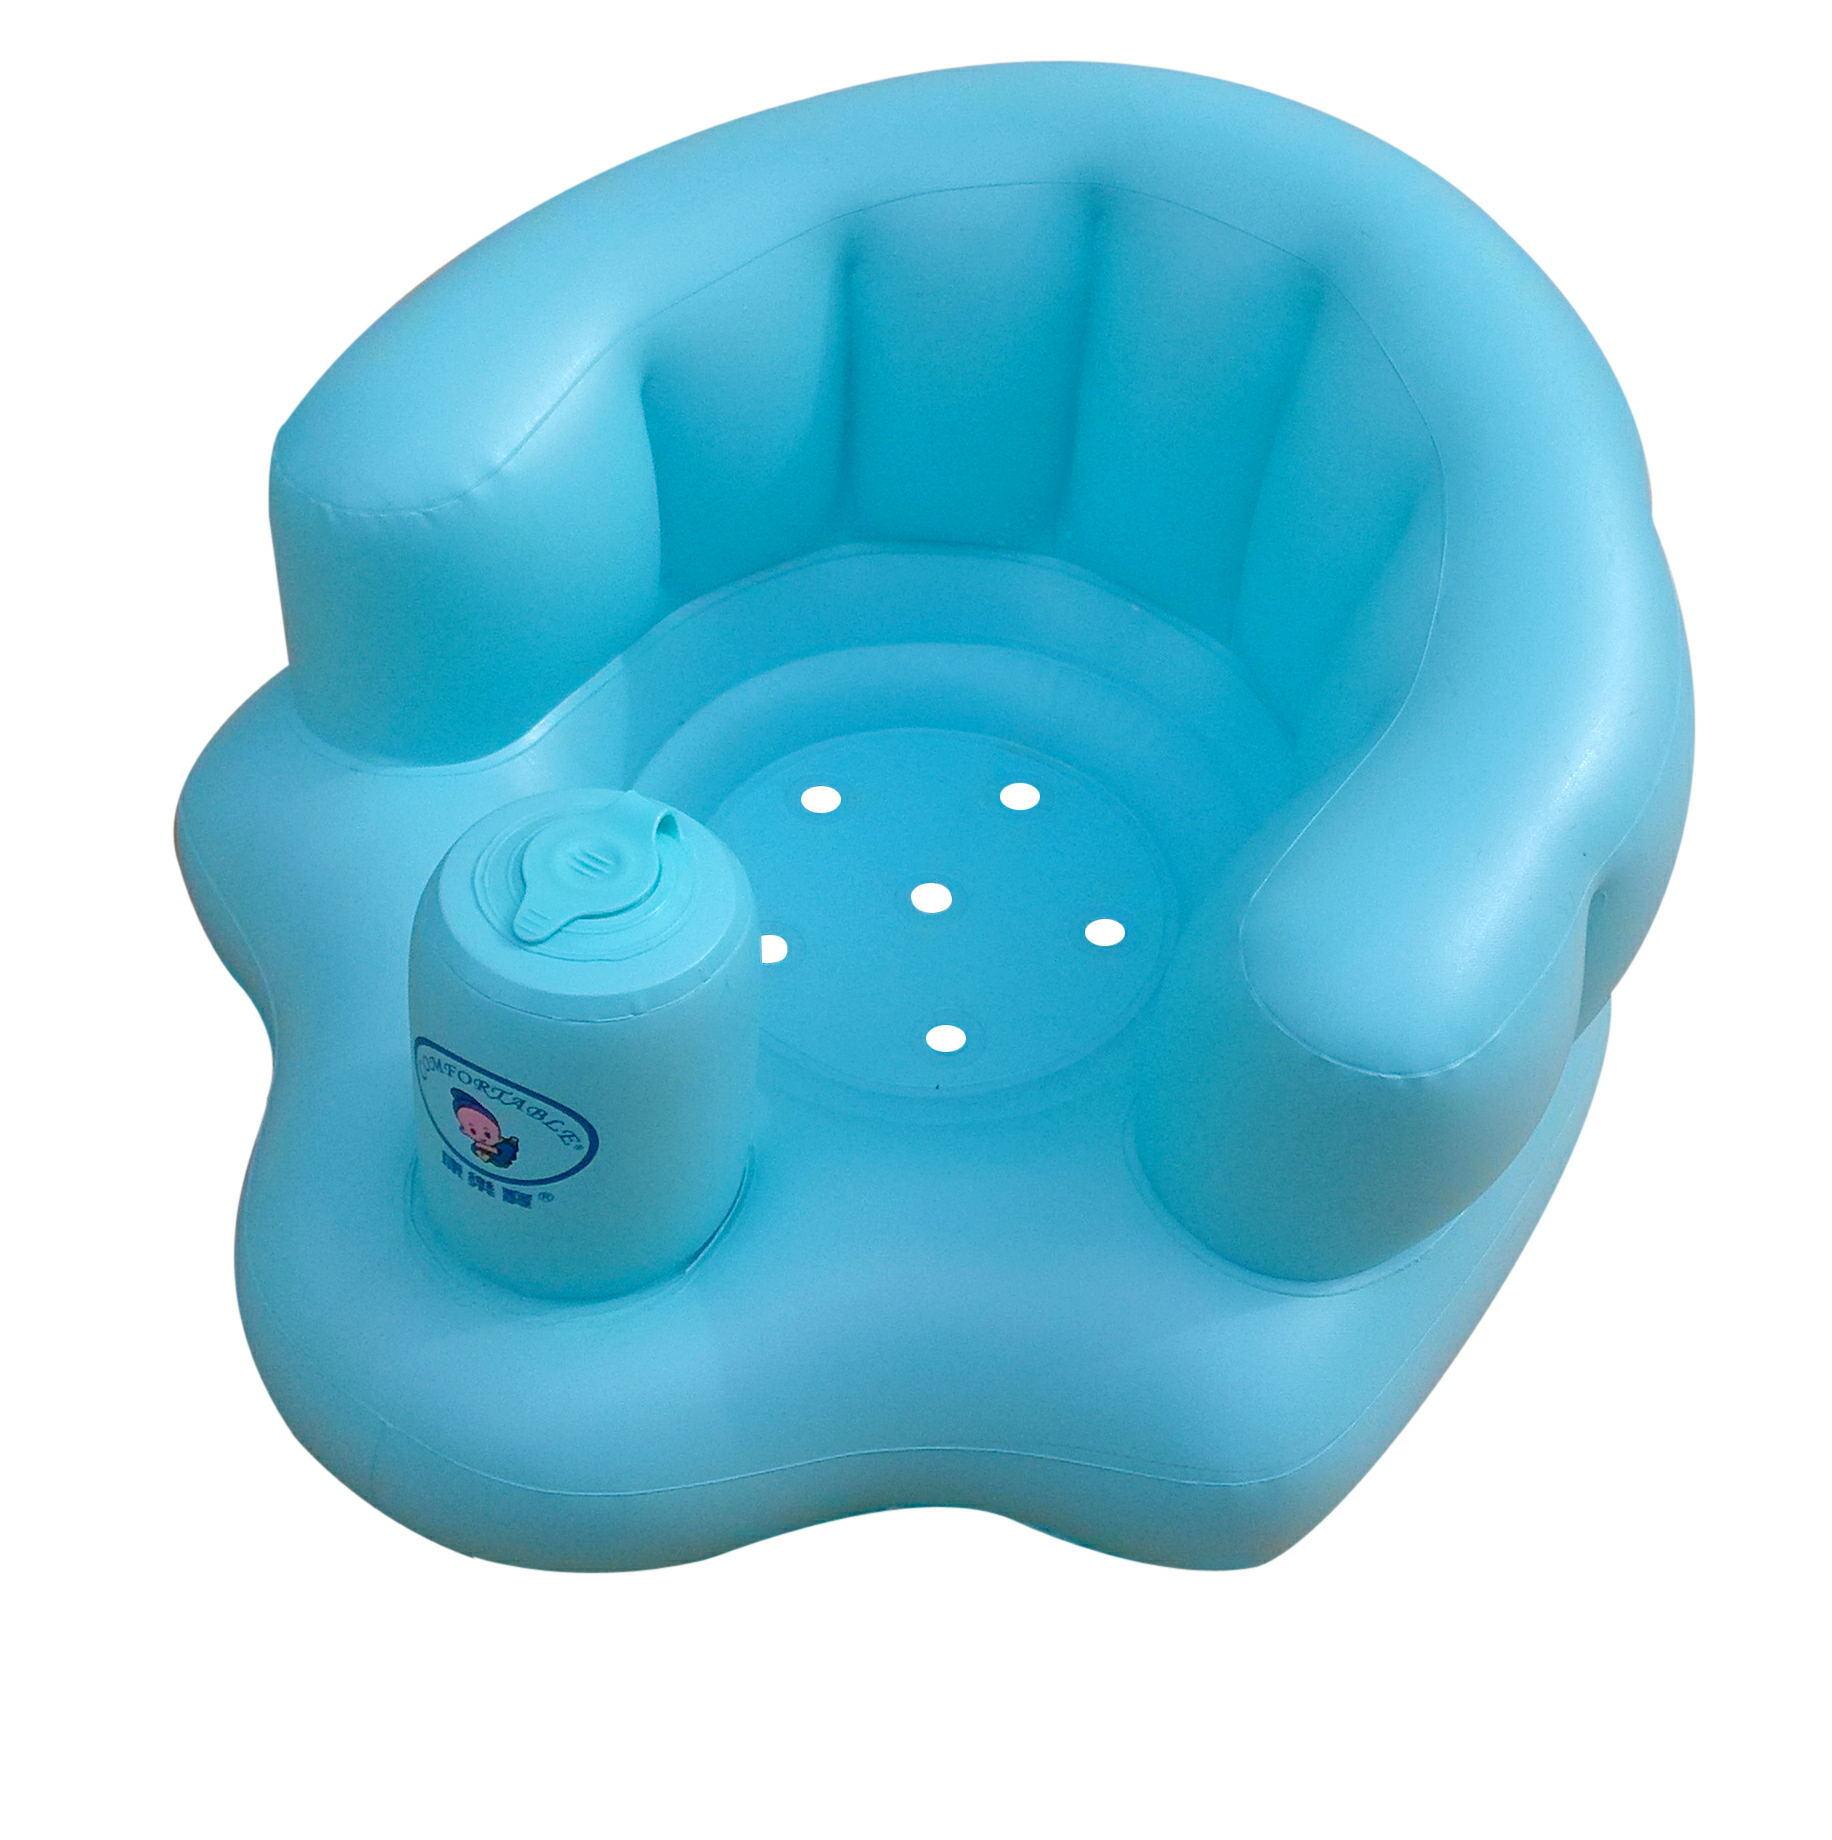 chaise de bain b b promotion achetez des chaise de bain b b promotionnels sur. Black Bedroom Furniture Sets. Home Design Ideas